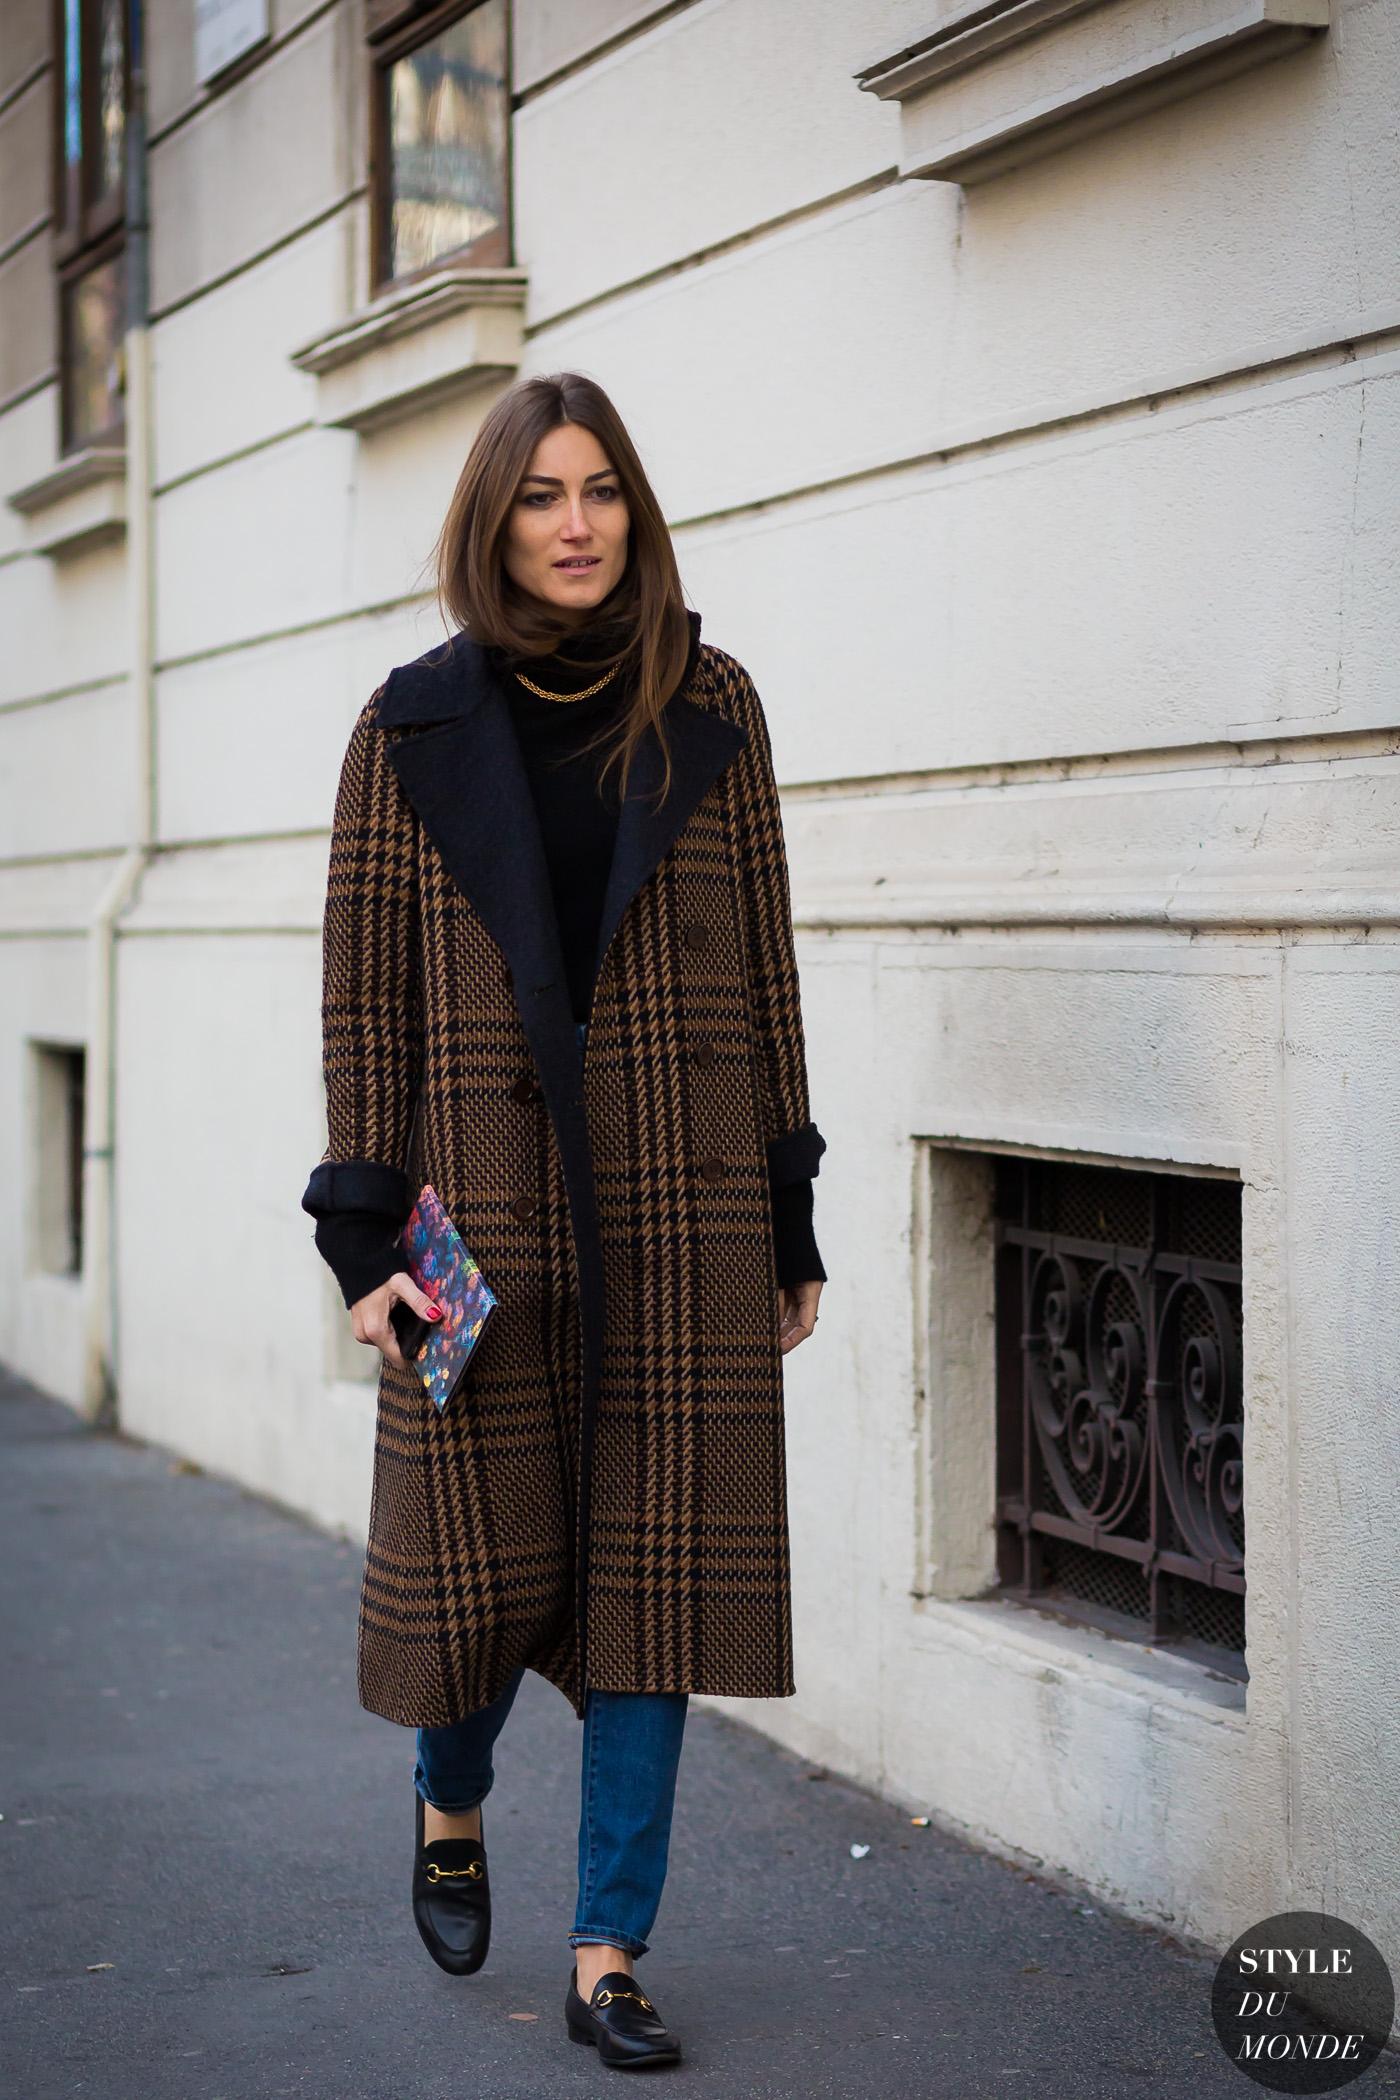 70fa56f34 Giorgia Tordini Street Style Street Fashion Streetsnaps by STYLEDUMONDE  Street Style Fashion Photography